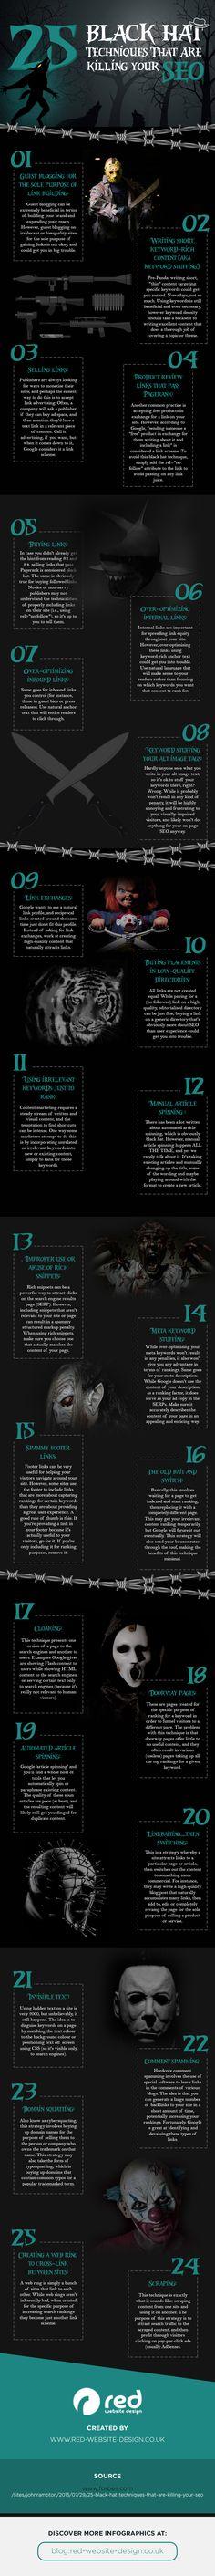 25 técnicas Black Hat #SEO que matan tu web